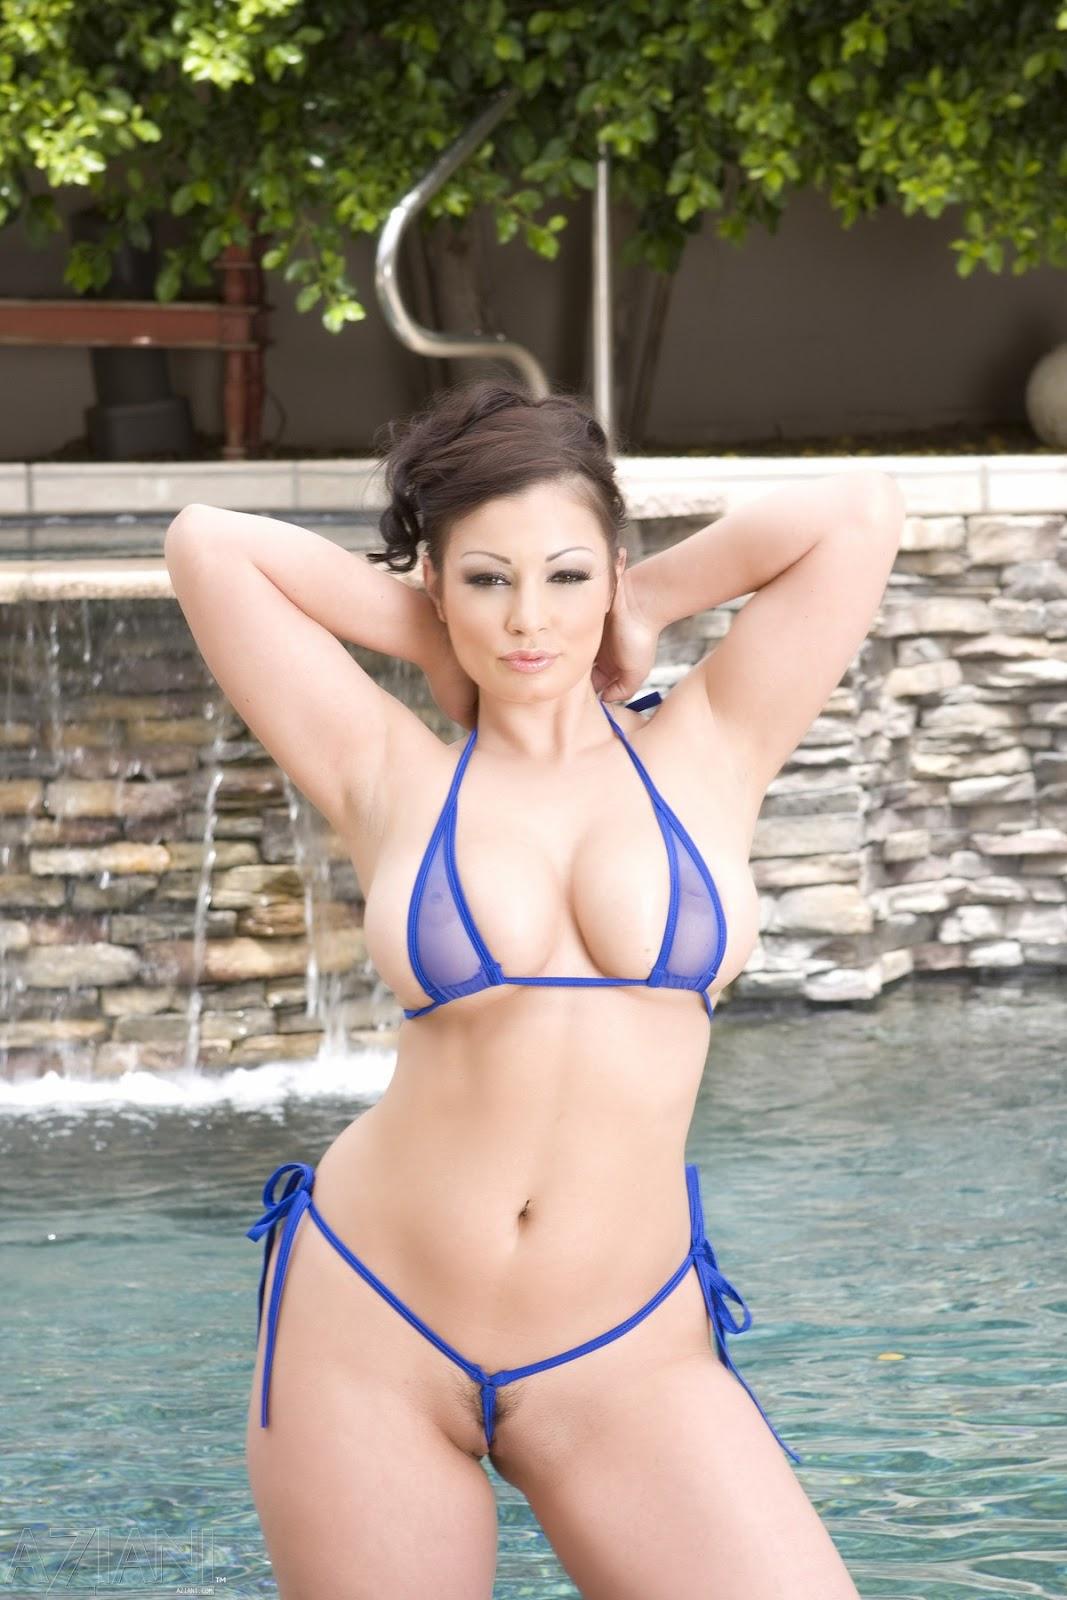 Фото девушки в мини бикини с большой грудью 12 фотография